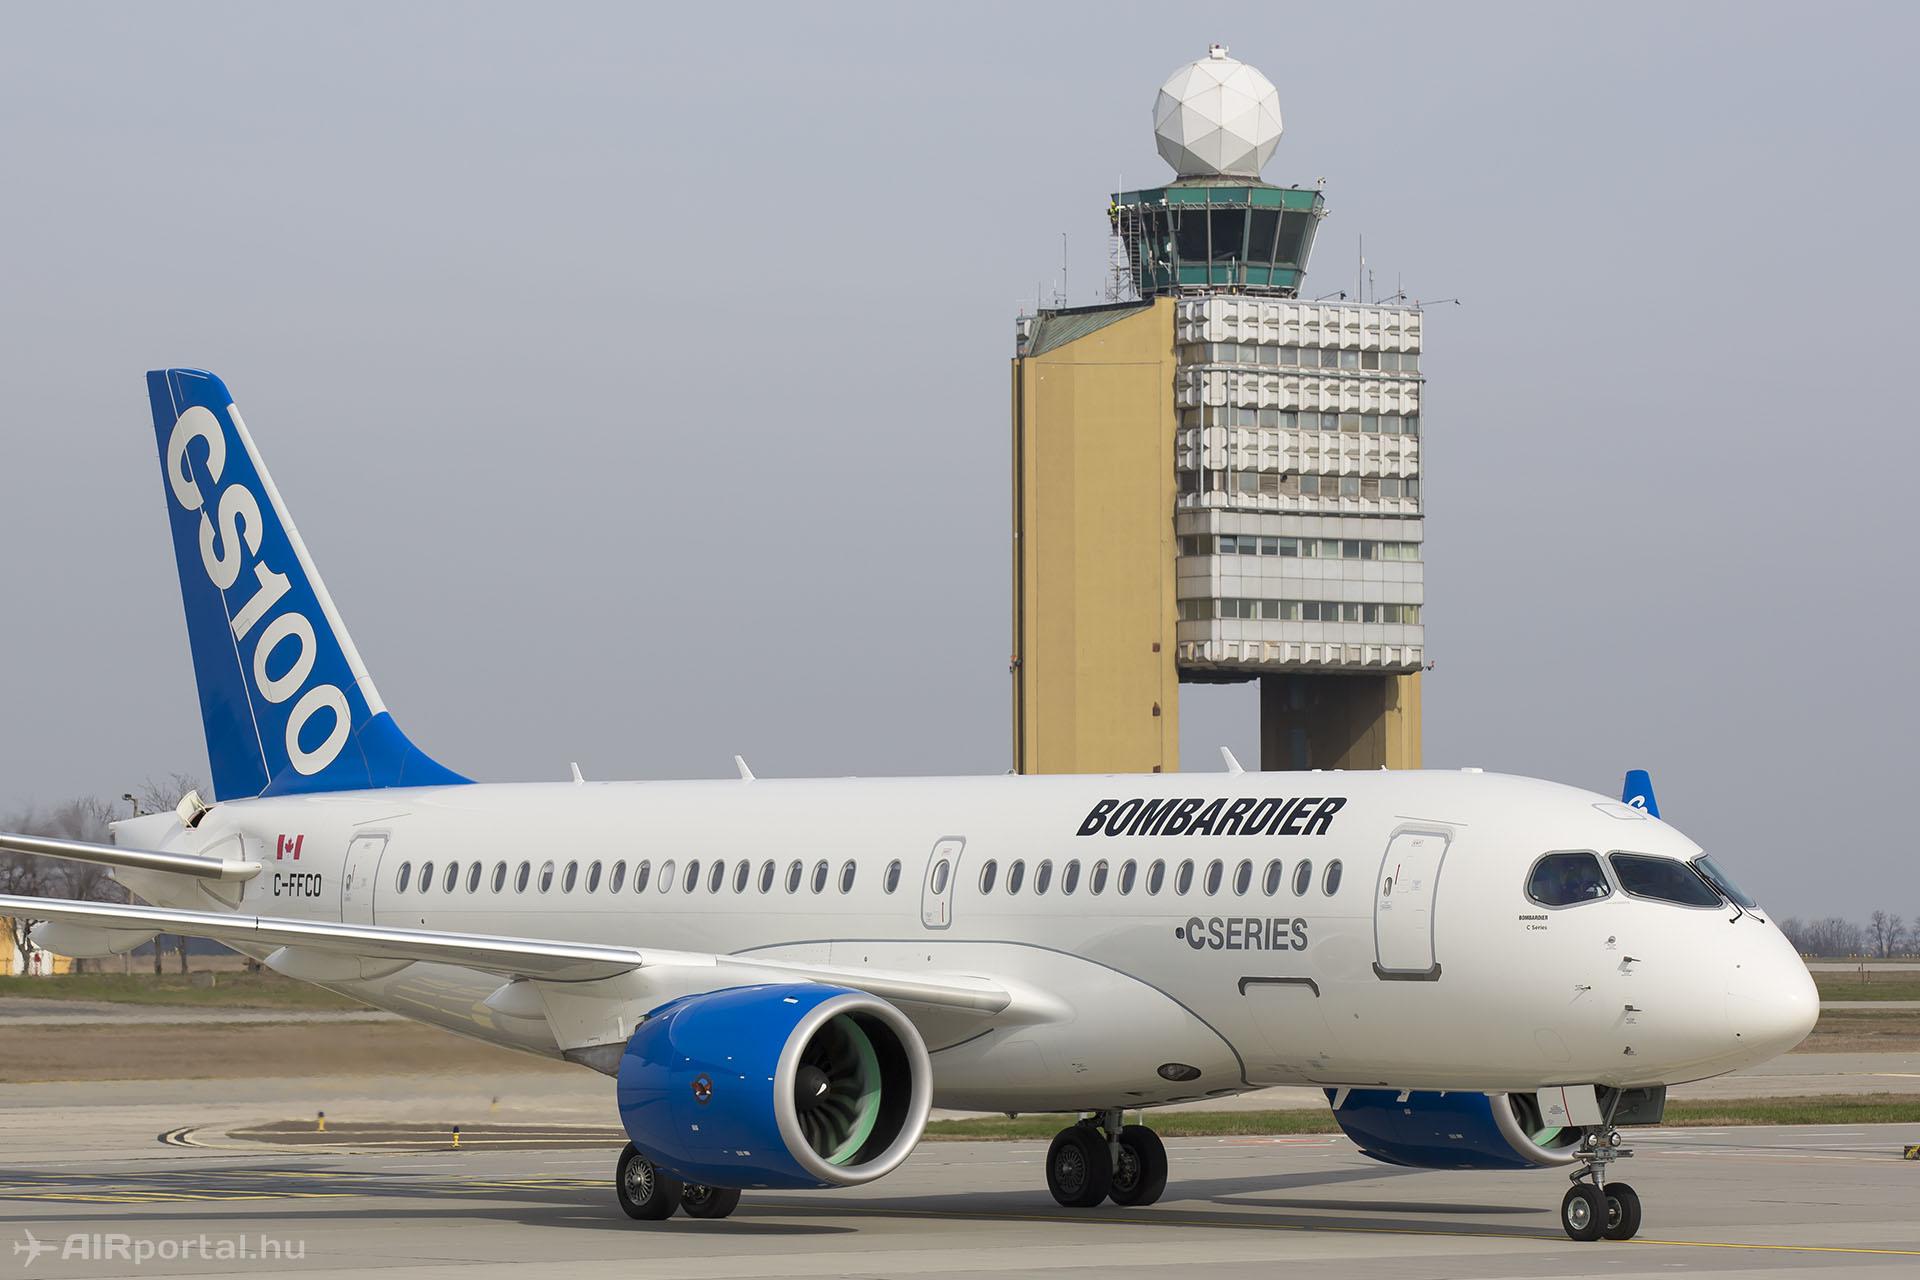 Újabb vádakat kapott a Bombardier a CSeries értékesítési kampányával kapcsolatban (Fotó: AIRportal.hu) | © AIRportal.hu